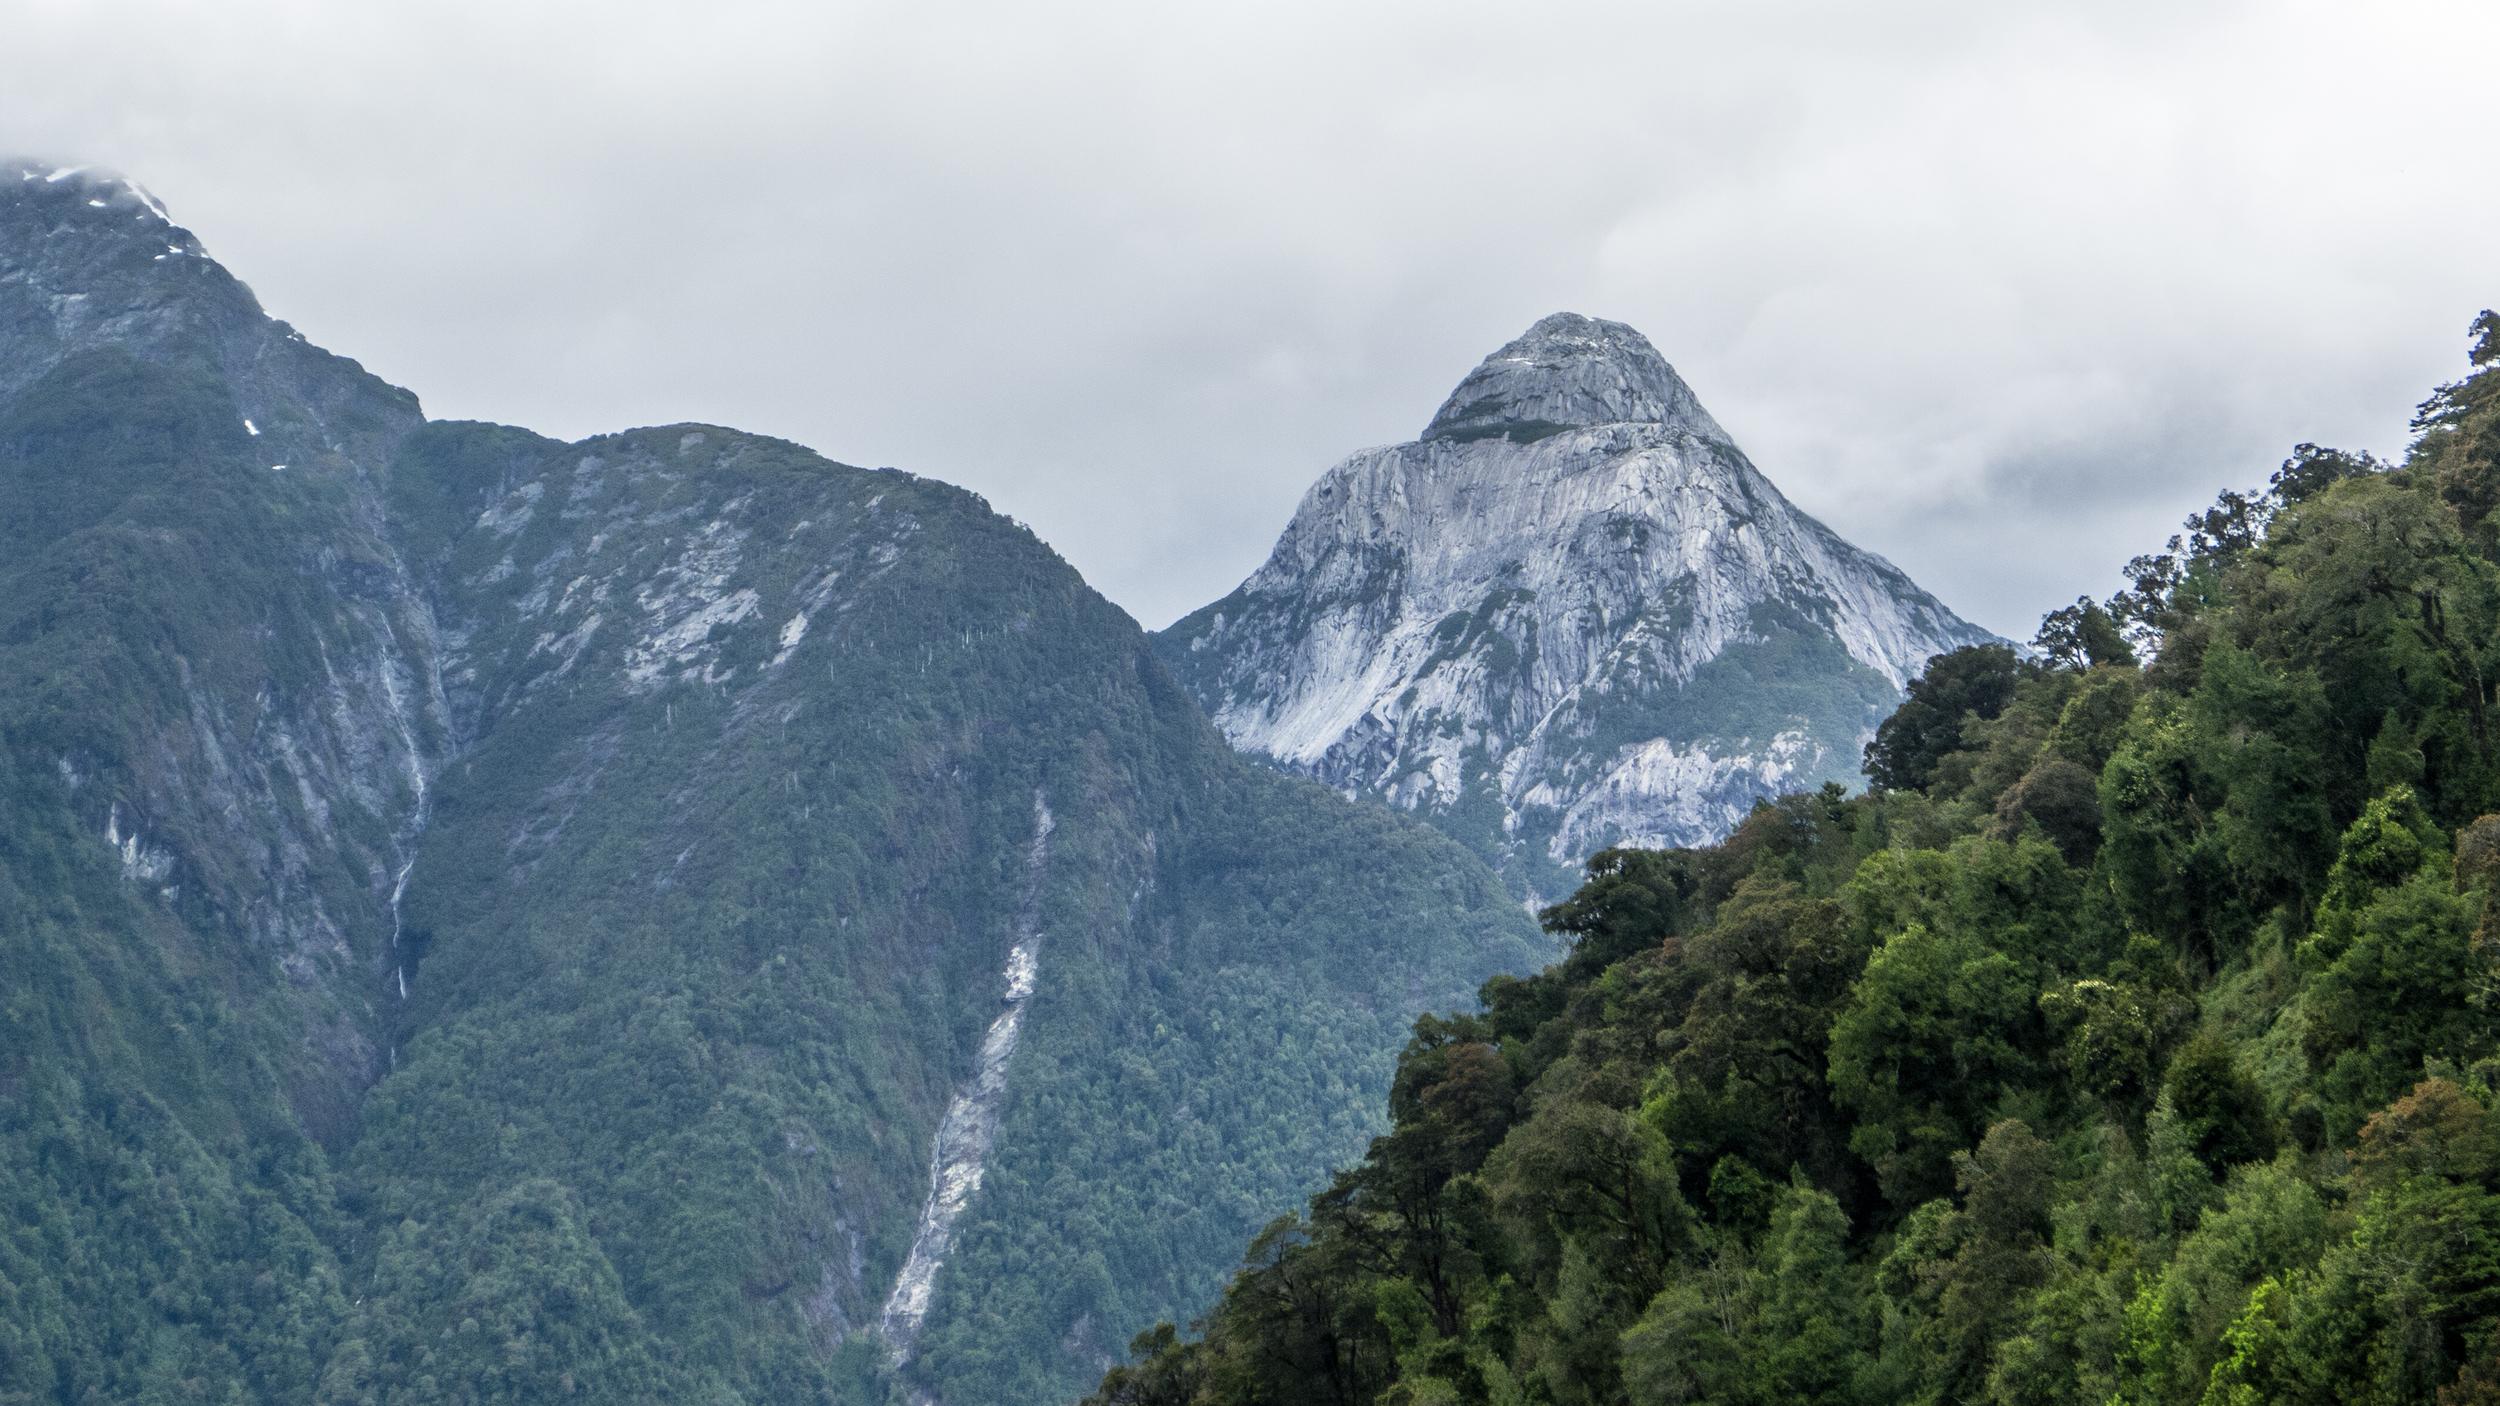 Pumalin Mountains, fjords, nature, rainforest, landscapes